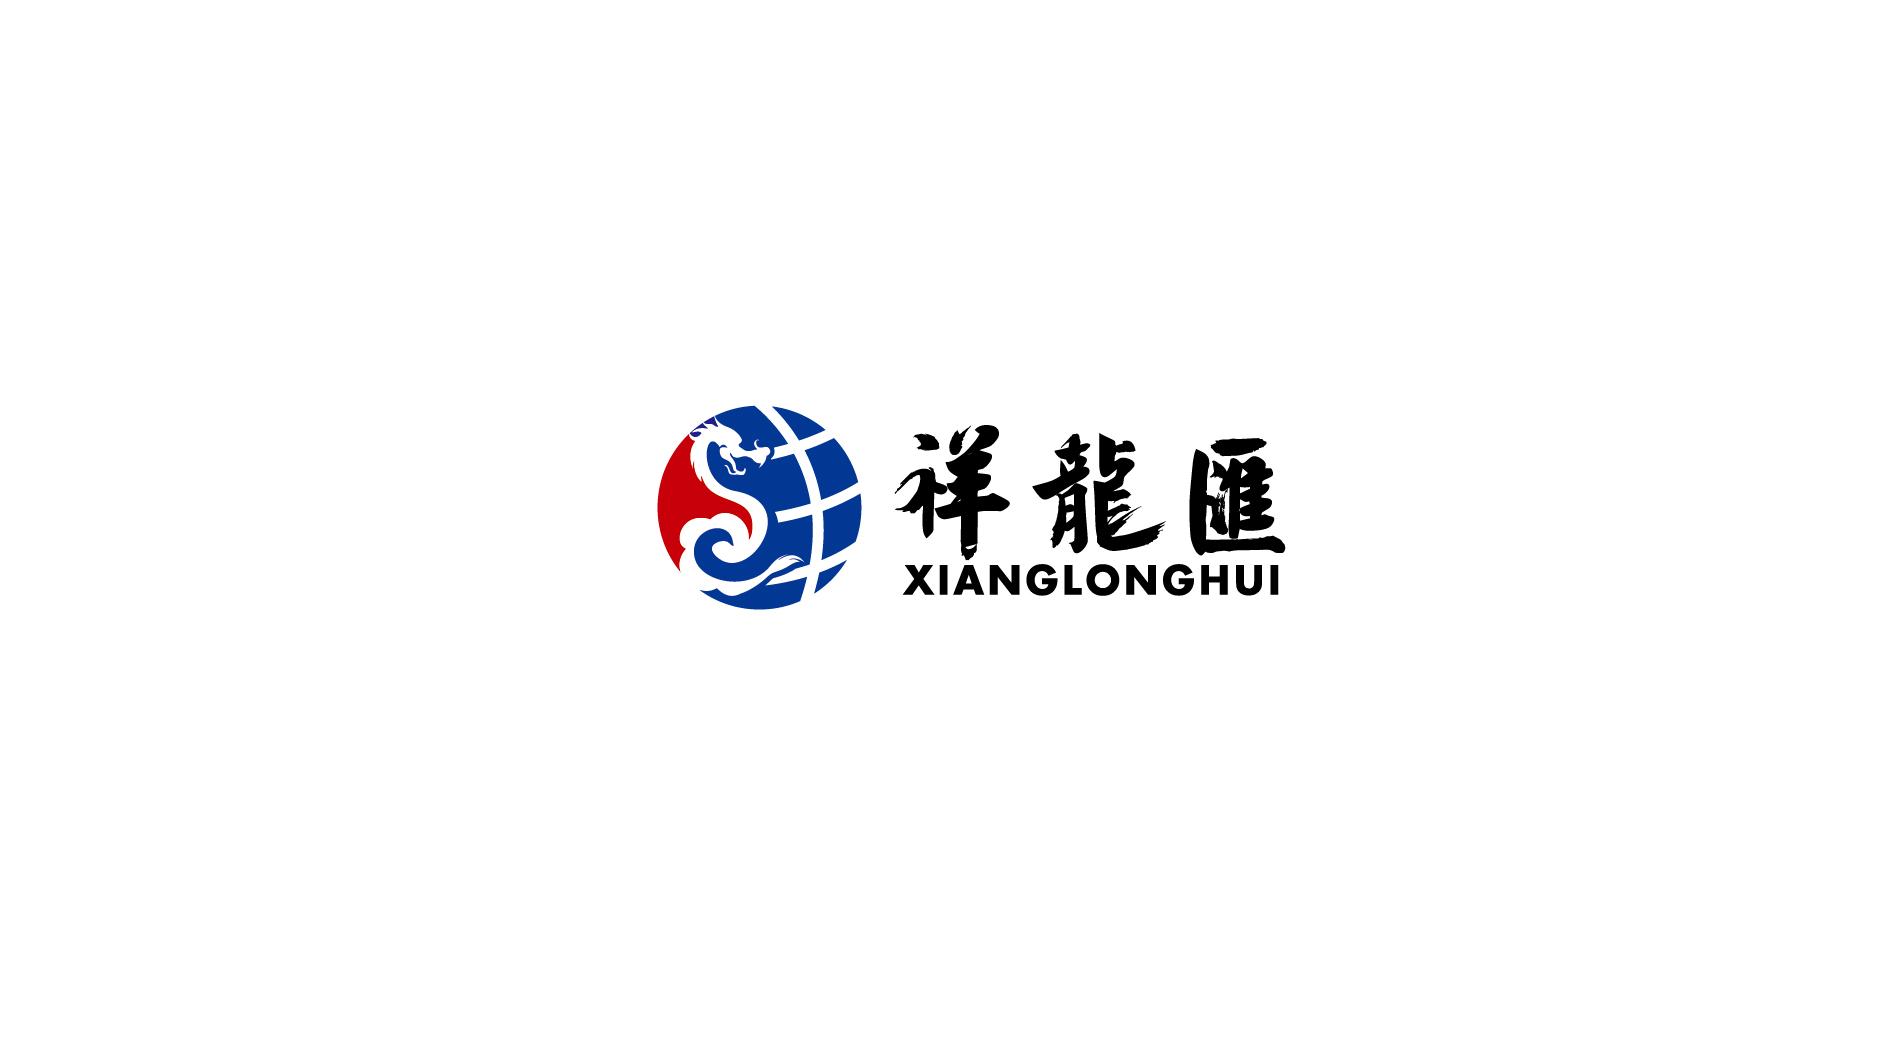 祥龙汇品牌LOGO万博手机官网